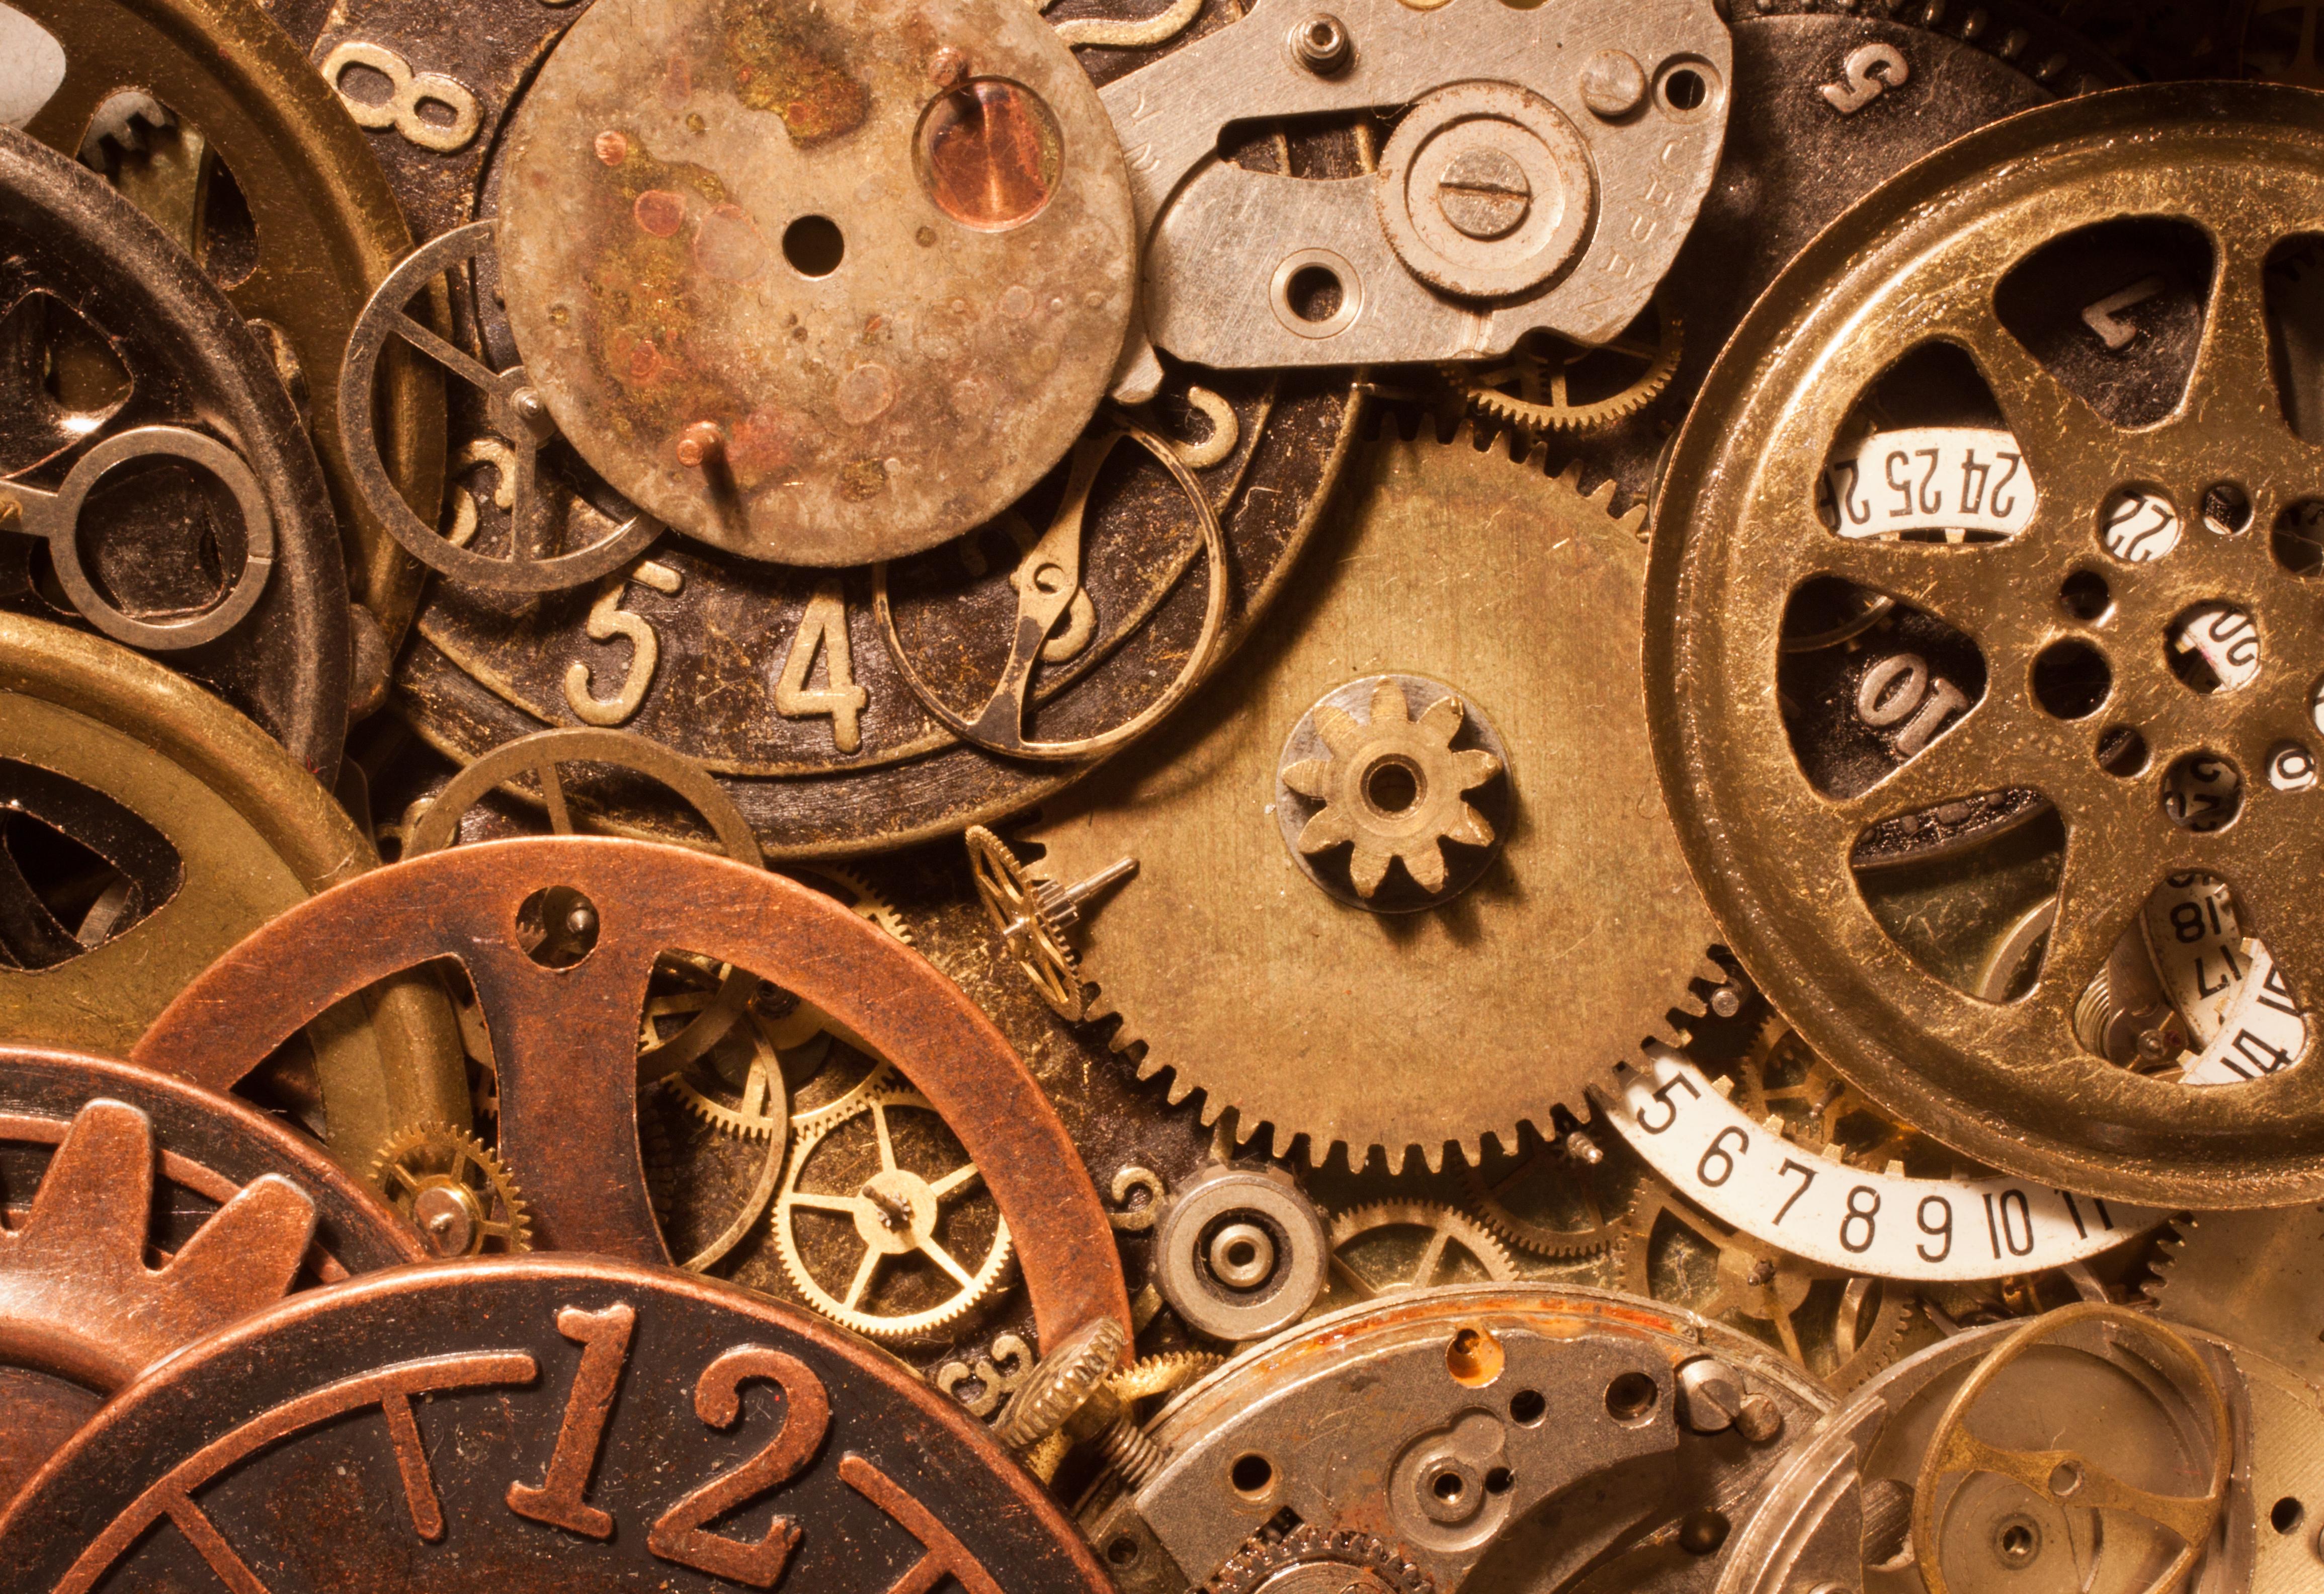 dettaglio macro orologio metallo orologio ruote ottone ingranaggi quadranti  Ruote dentate